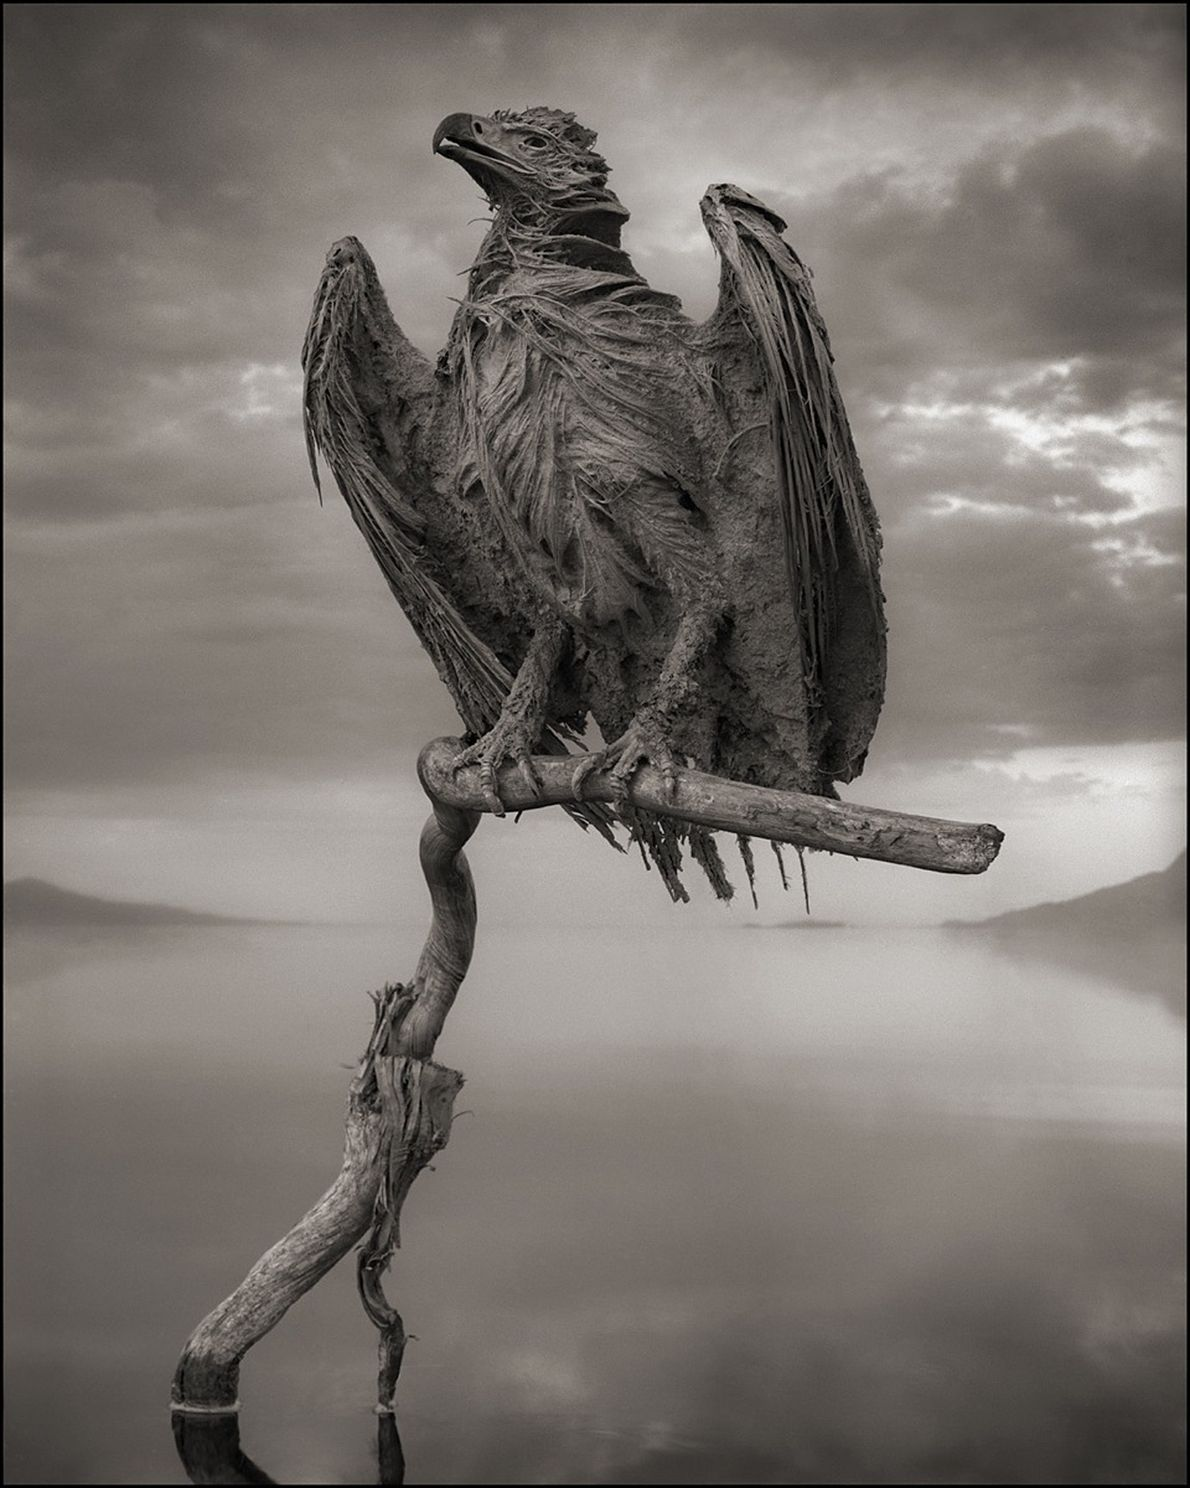 águia petrificada